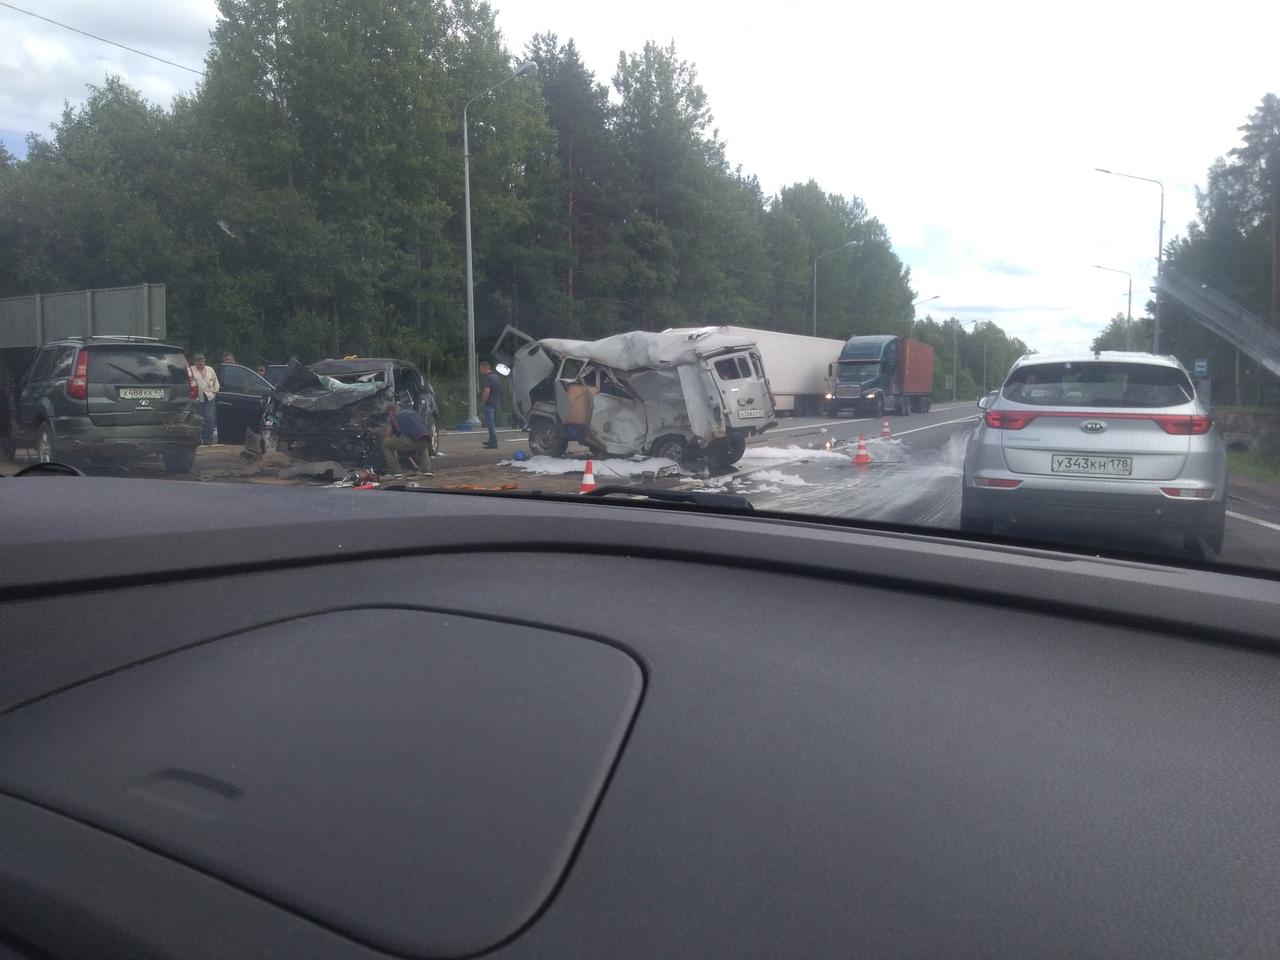 Авария из трёх автомобилей в ЛО, в районе деревни Дыми, у поворота на Антониево-Дымский монастырь. В...